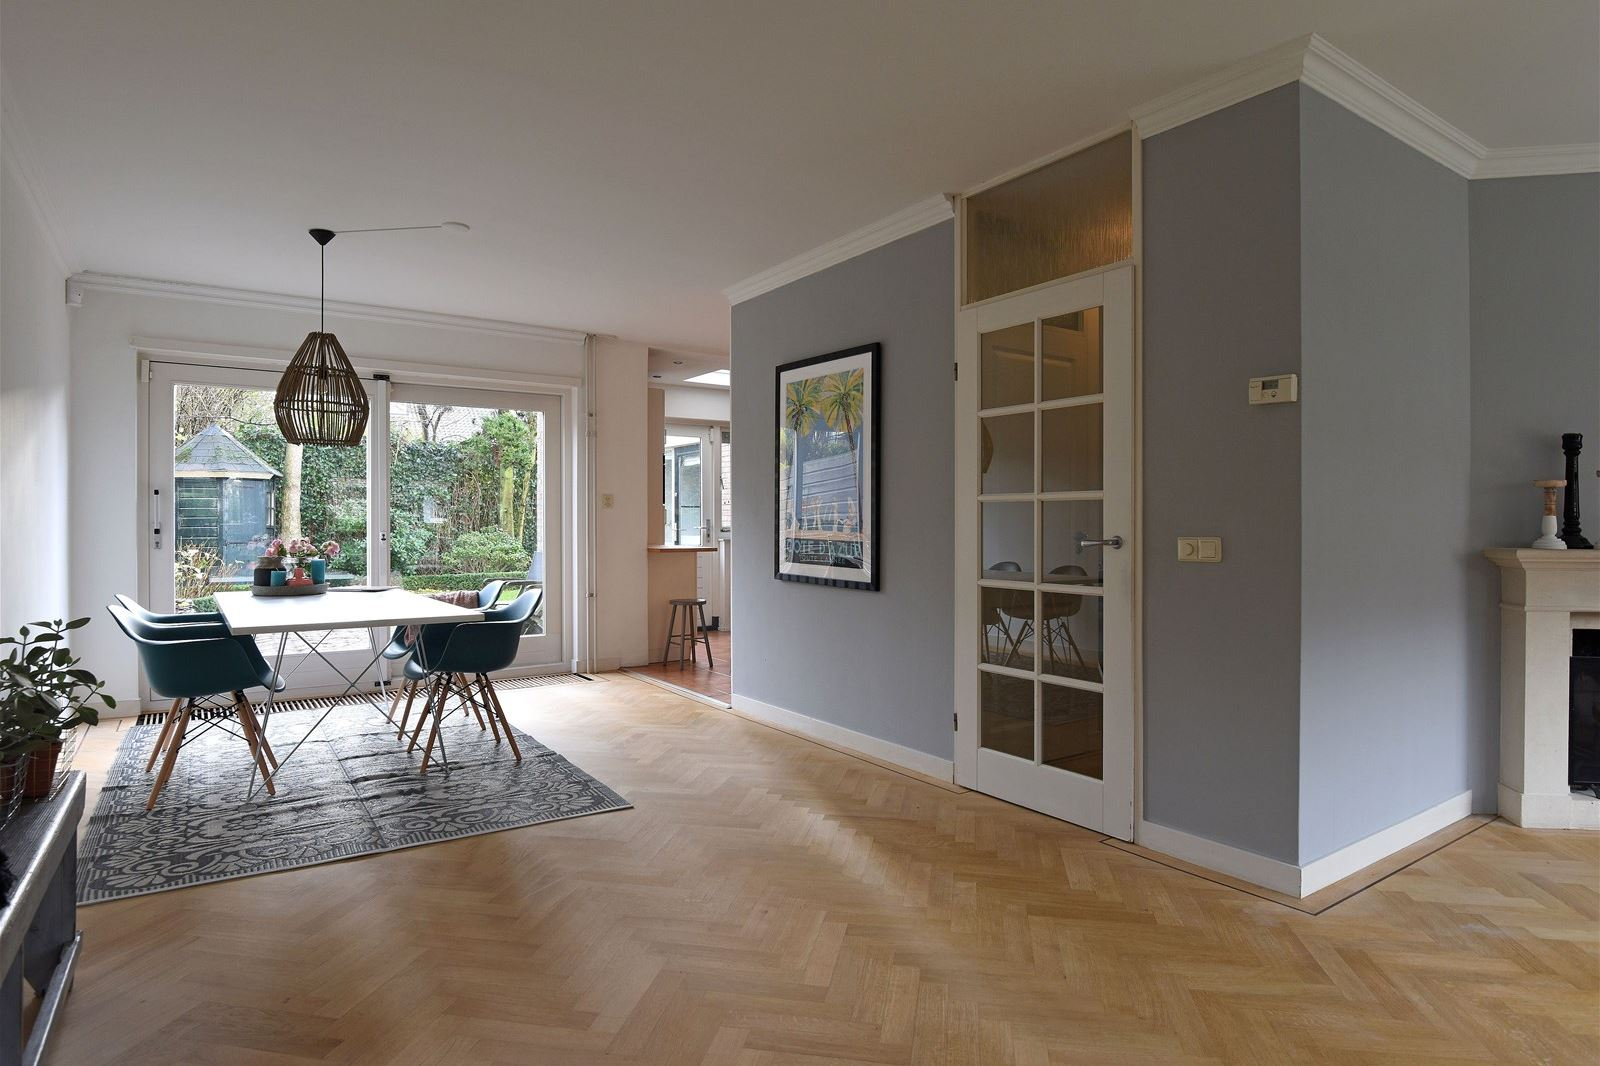 Verkocht jan steenlaan 1 b 1272 hh huizen funda for Nieuwbouwhuis inrichten tips